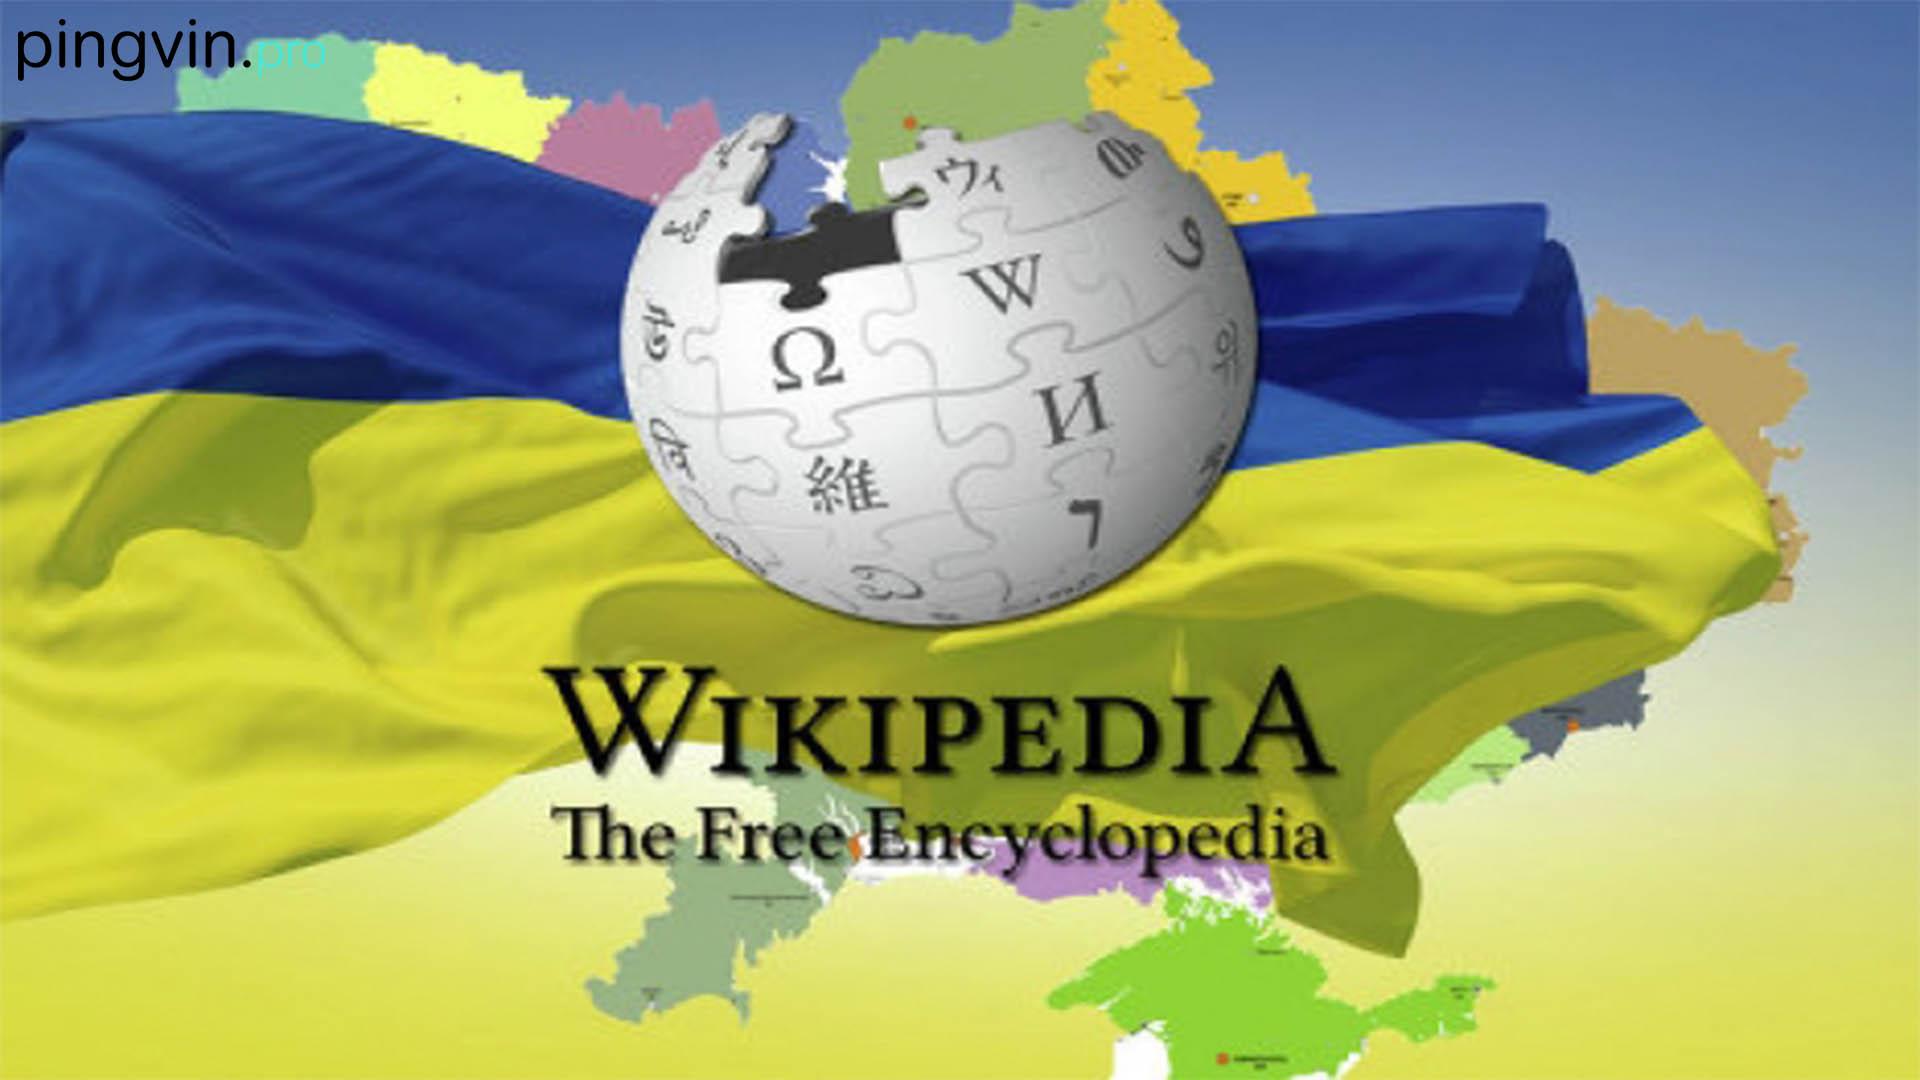 Популярність української вікіпедії в Україні зростає втричі швидше за російську